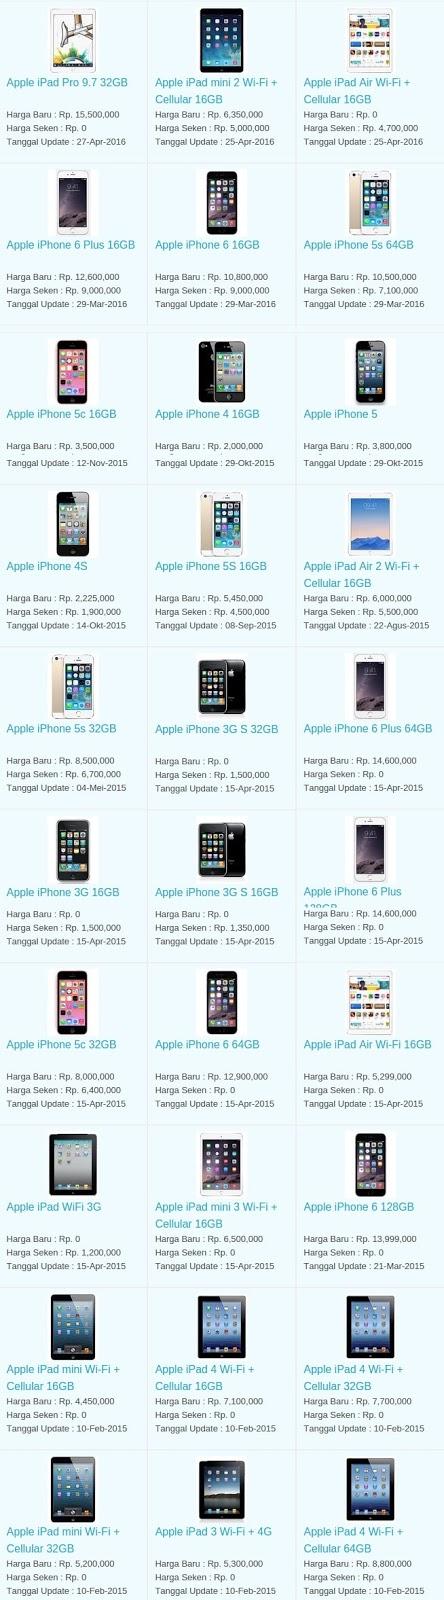 Daftar Harga Hp Terbaru Apple Mei 2016